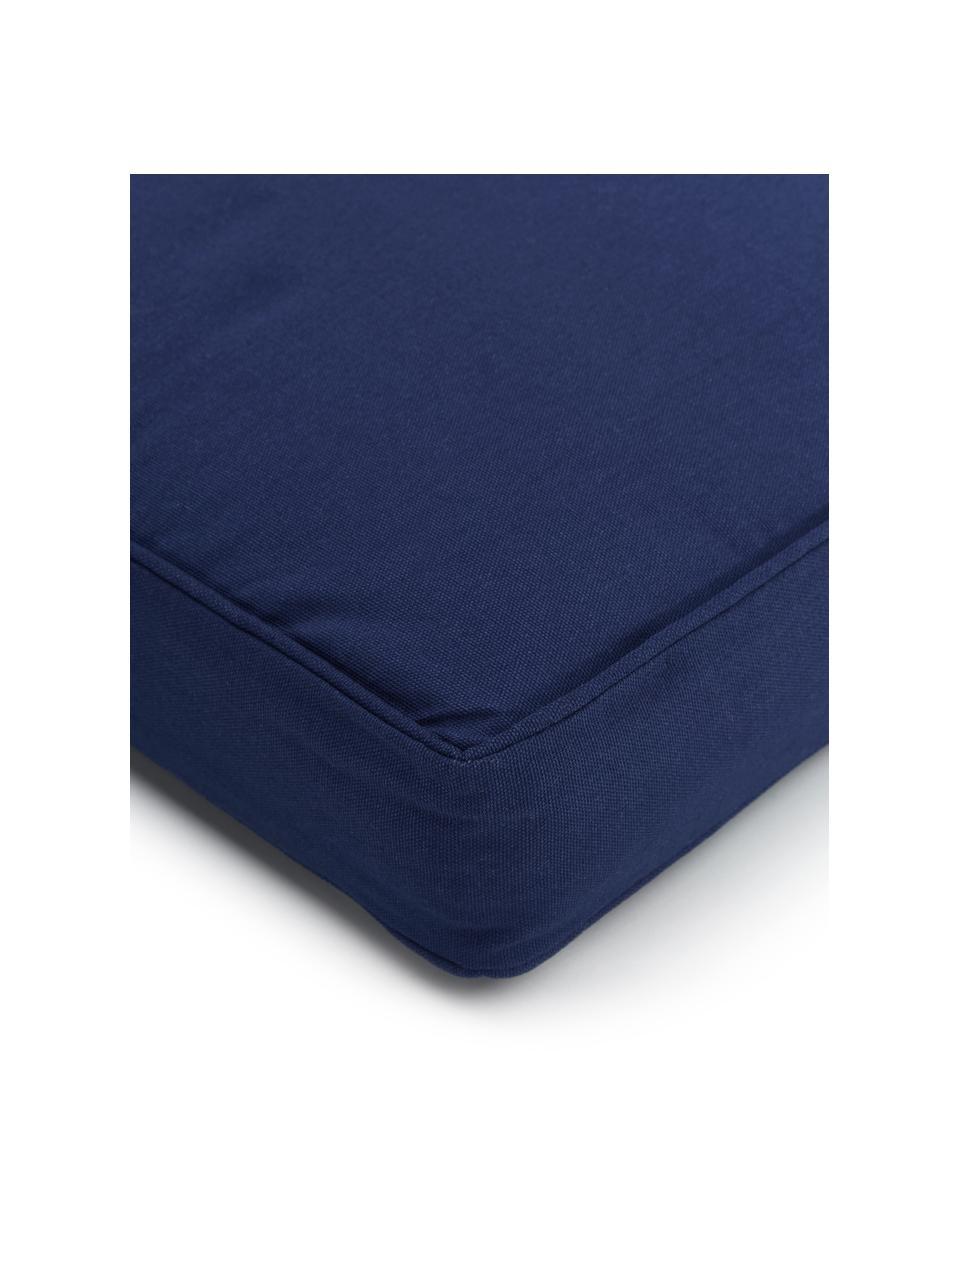 Hohes Sitzkissen Zoey in Dunkelblau, Bezug: 100% Baumwolle, Blau, 40 x 40 cm